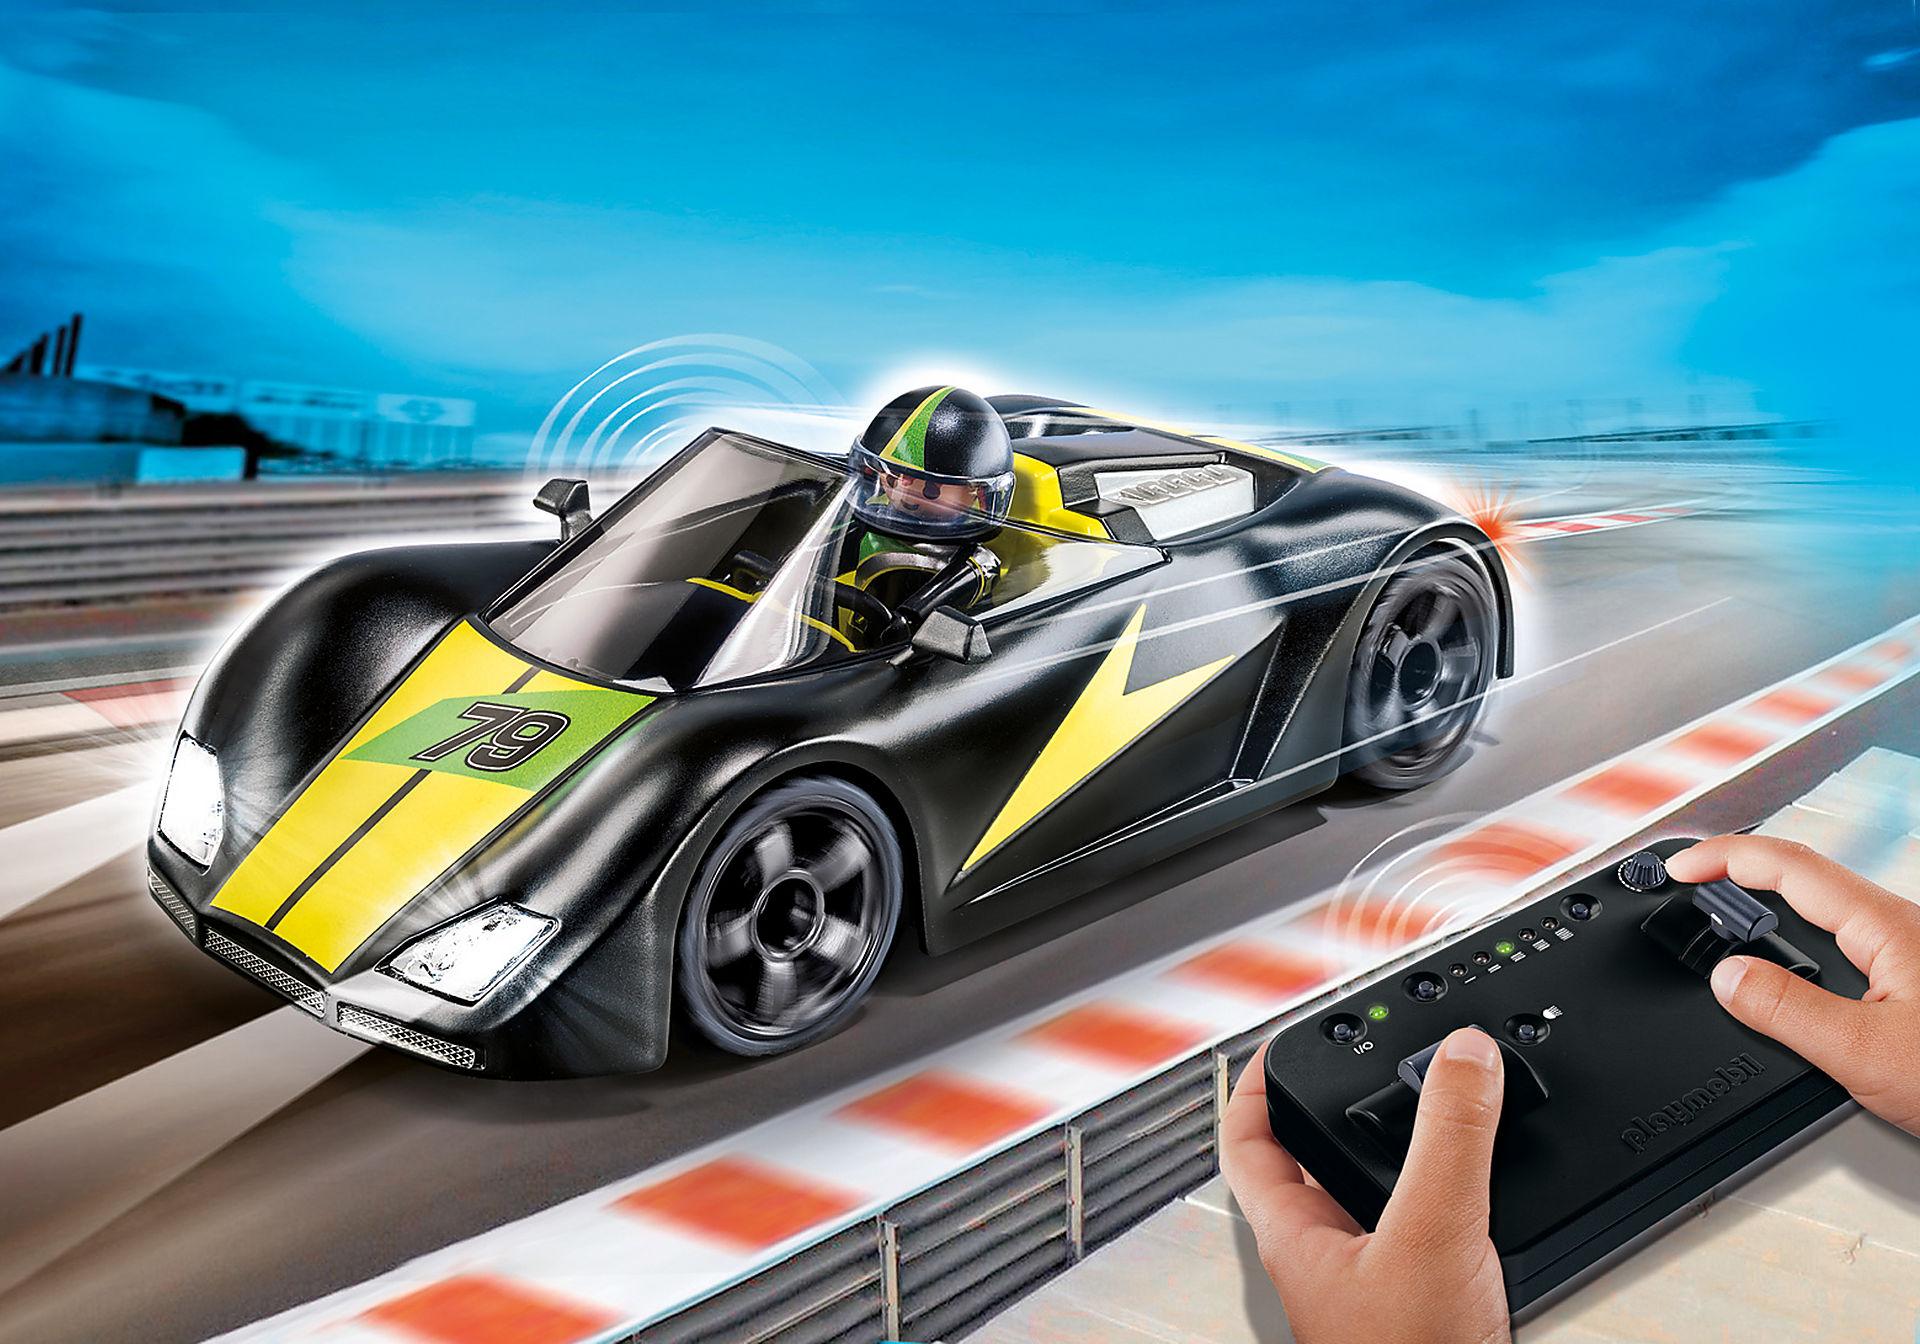 http://media.playmobil.com/i/playmobil/9089_product_detail/RC-turboracer